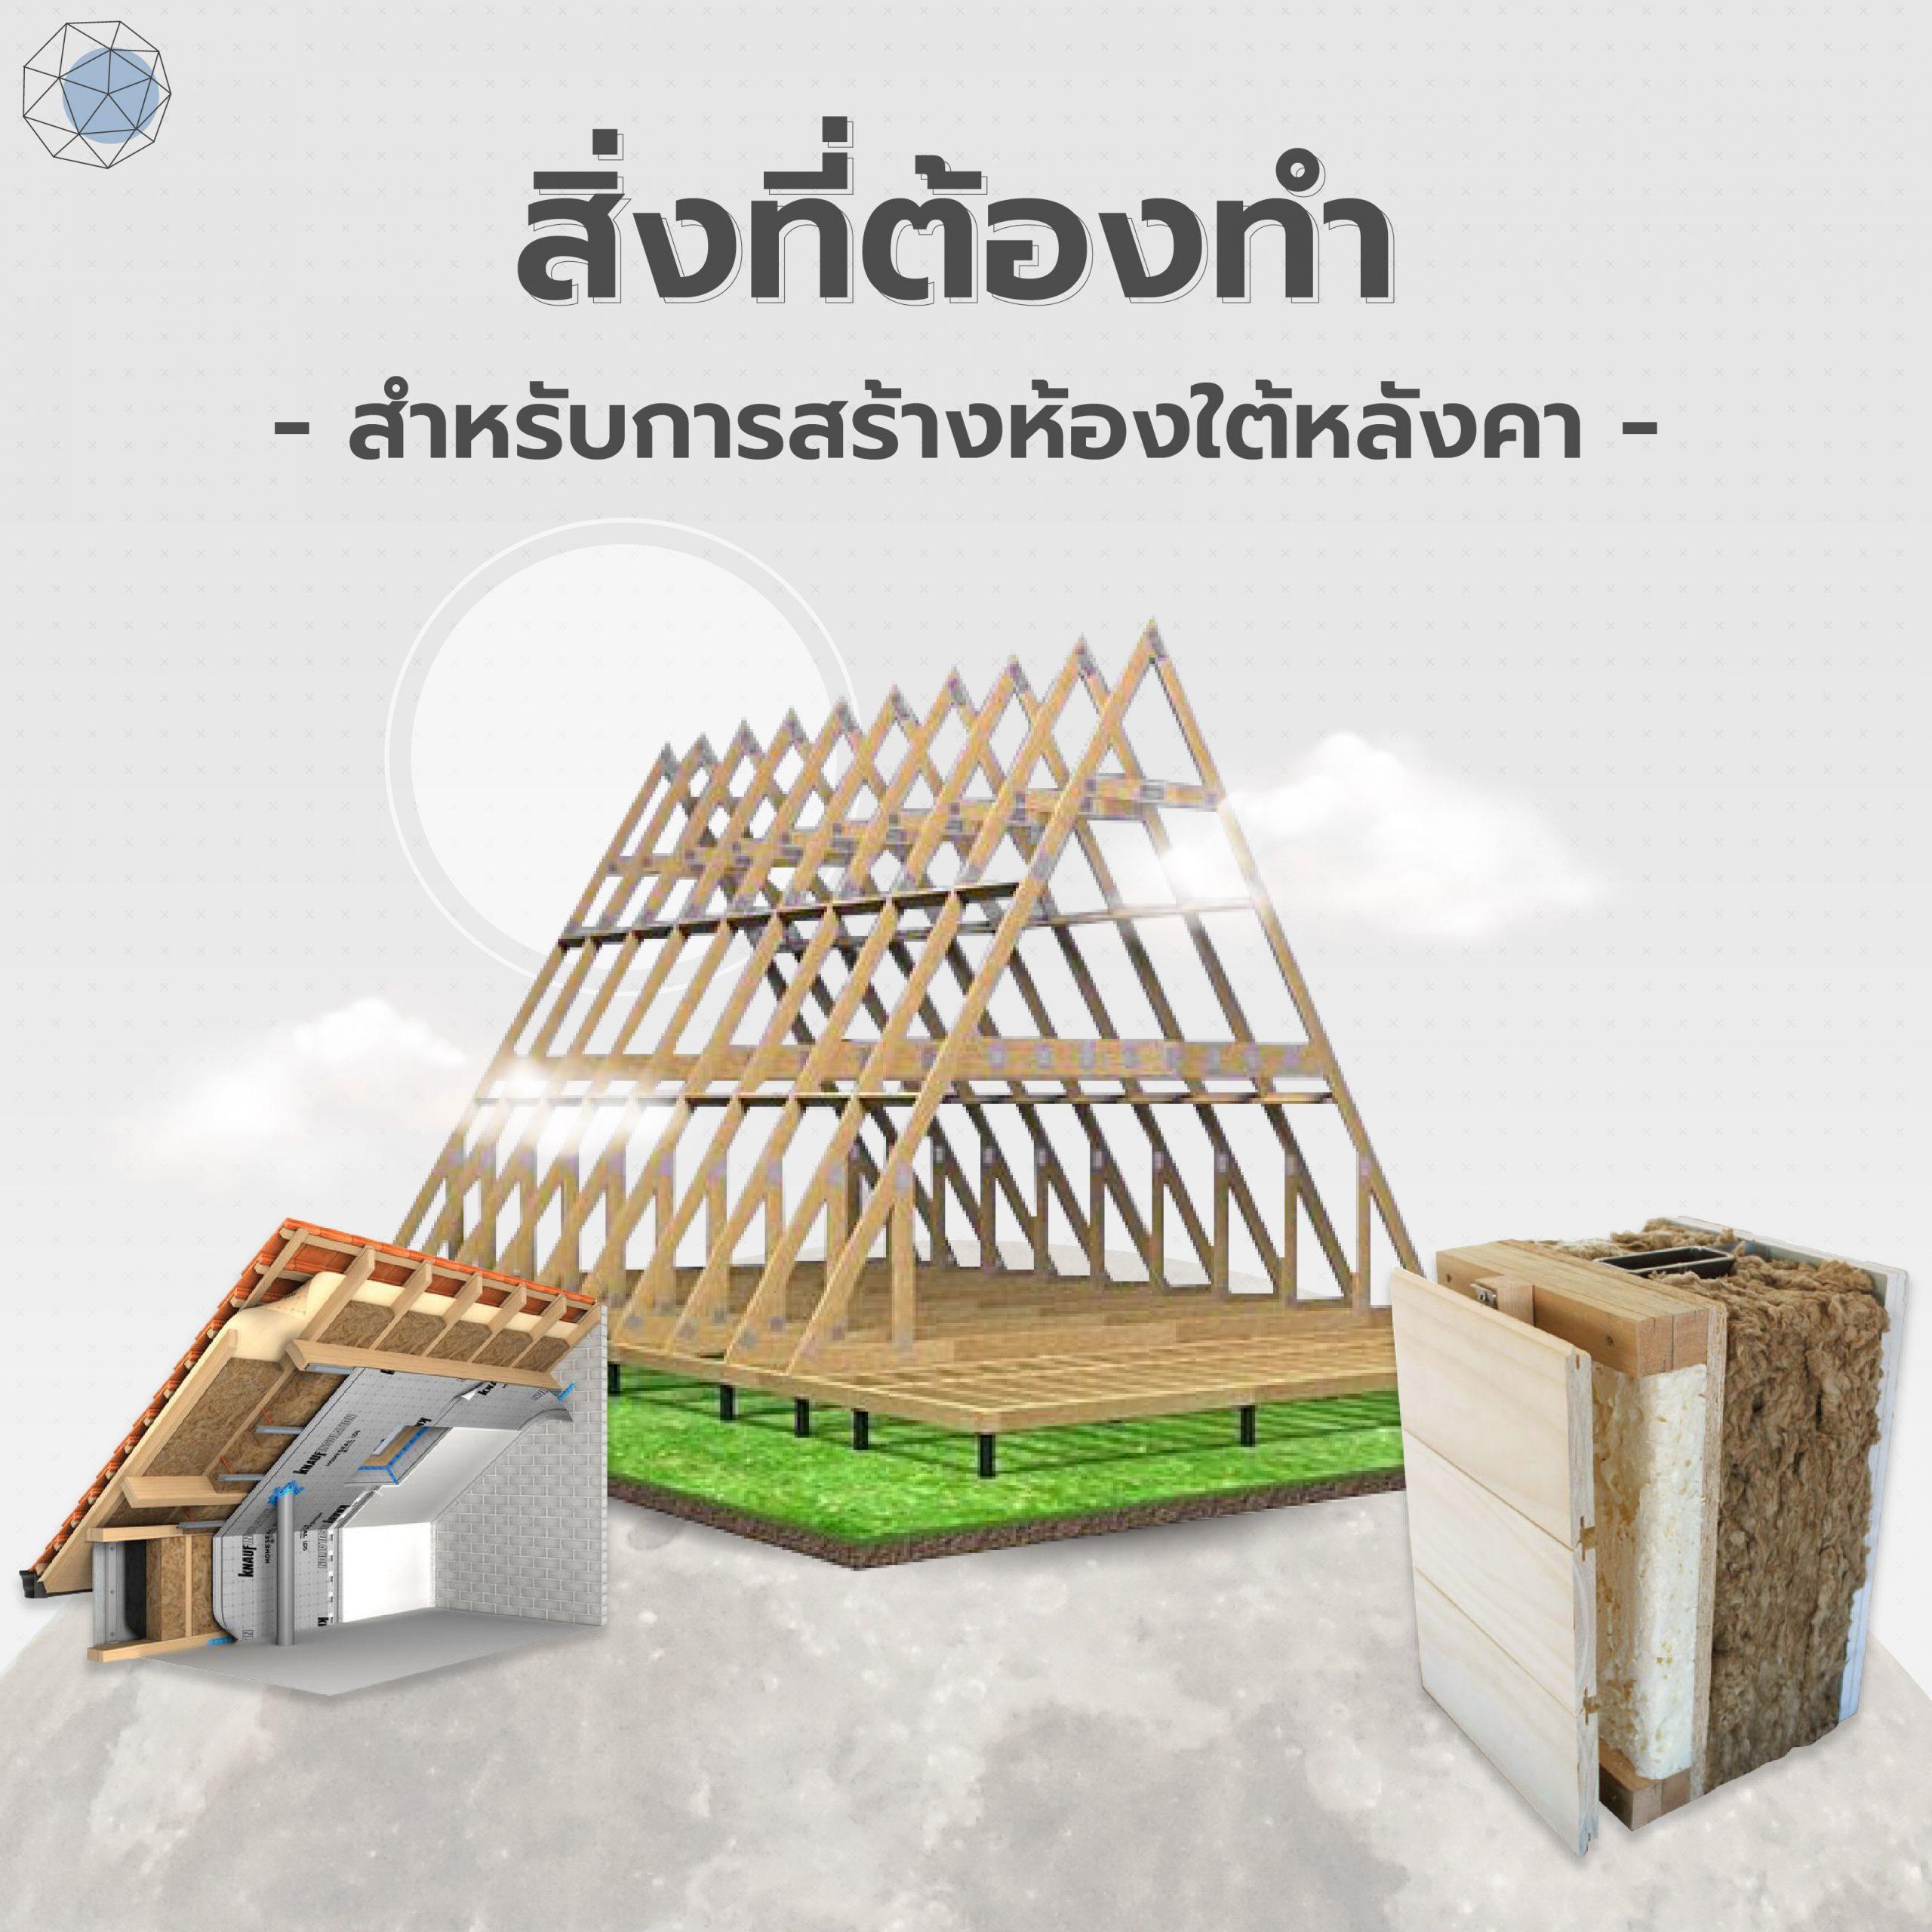 สิ่งที่ต้องทำสำหรับการสร้างห้องใต้หลังคา